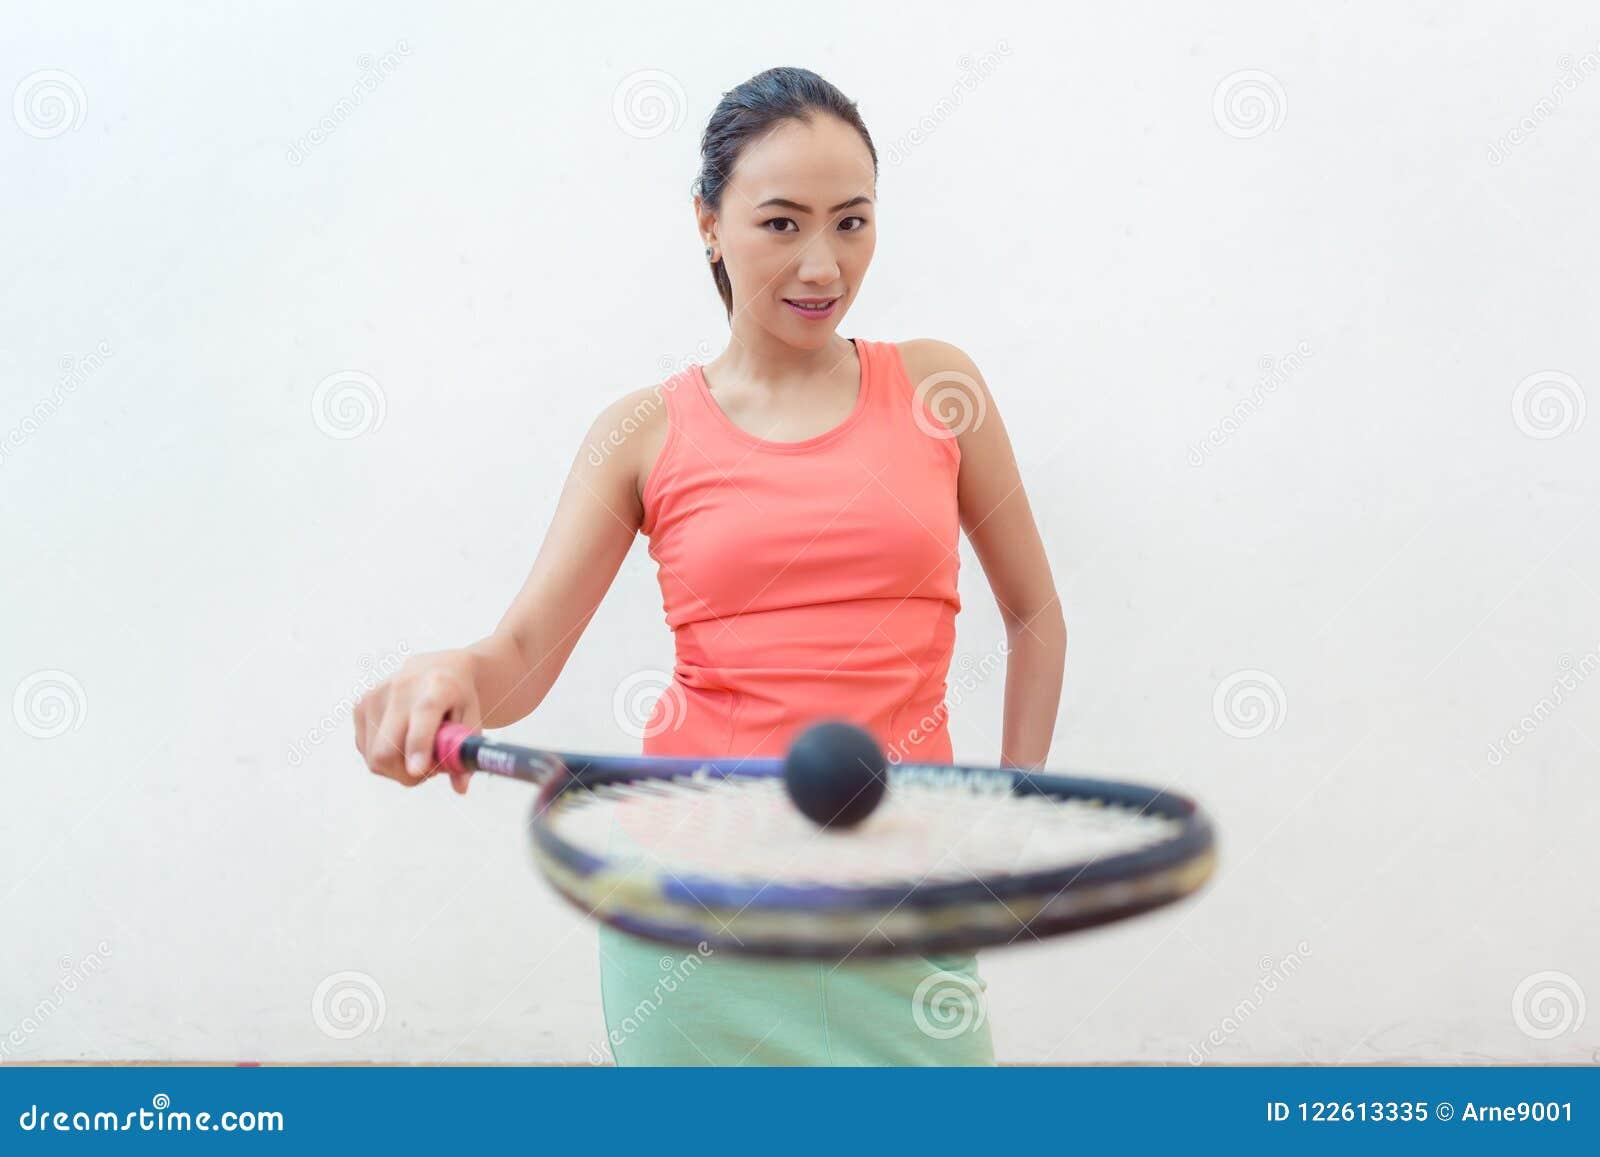 Close-up van een rubber holle bal op de nieuwe pompoenracket van een geschikte vrouw